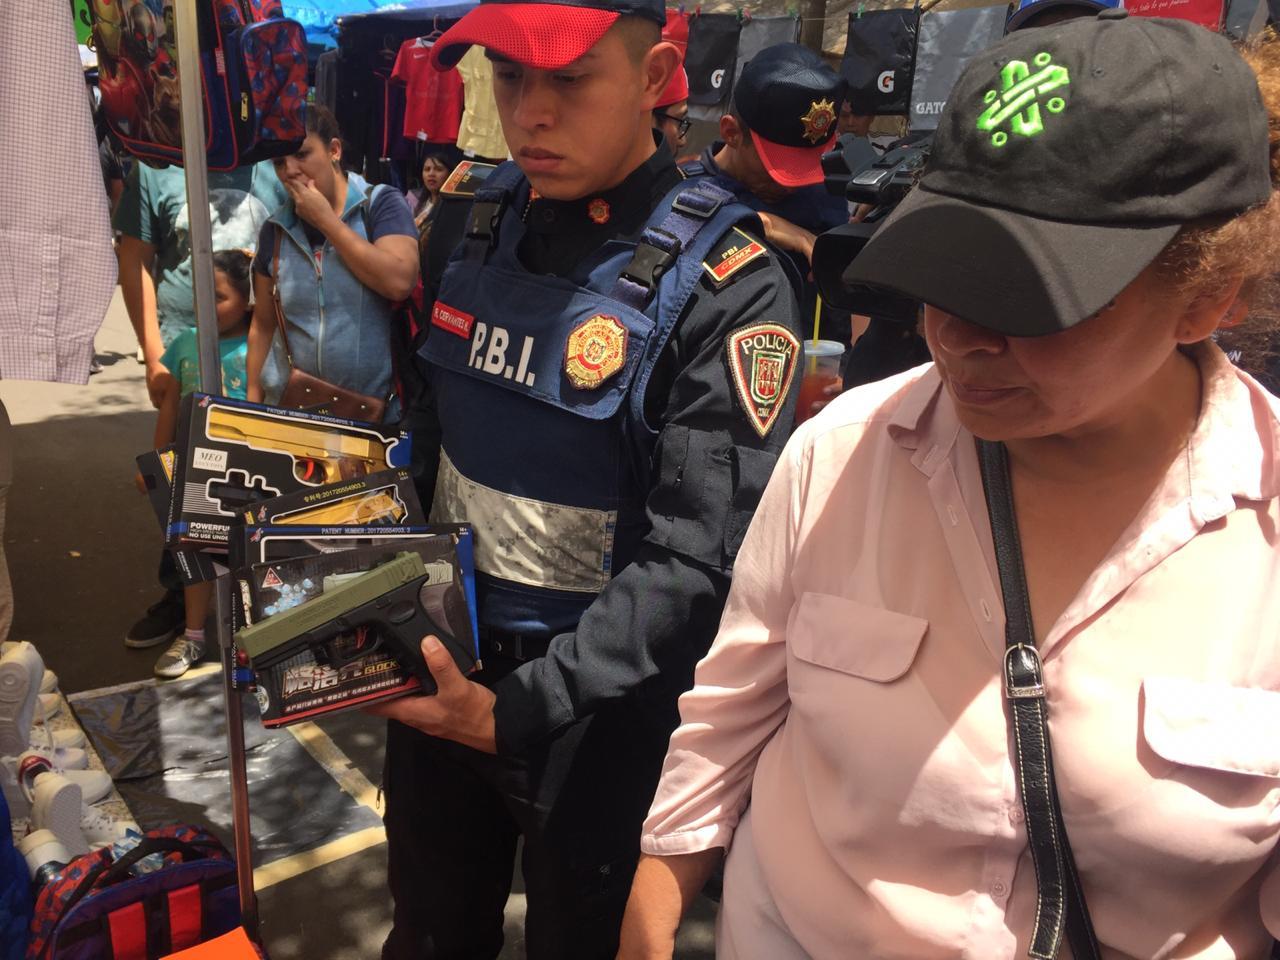 Mediante operativo Tianguis Seguro, la Alcaldía Álvaro Obregón inhibe el robo a celular e incautación de armas